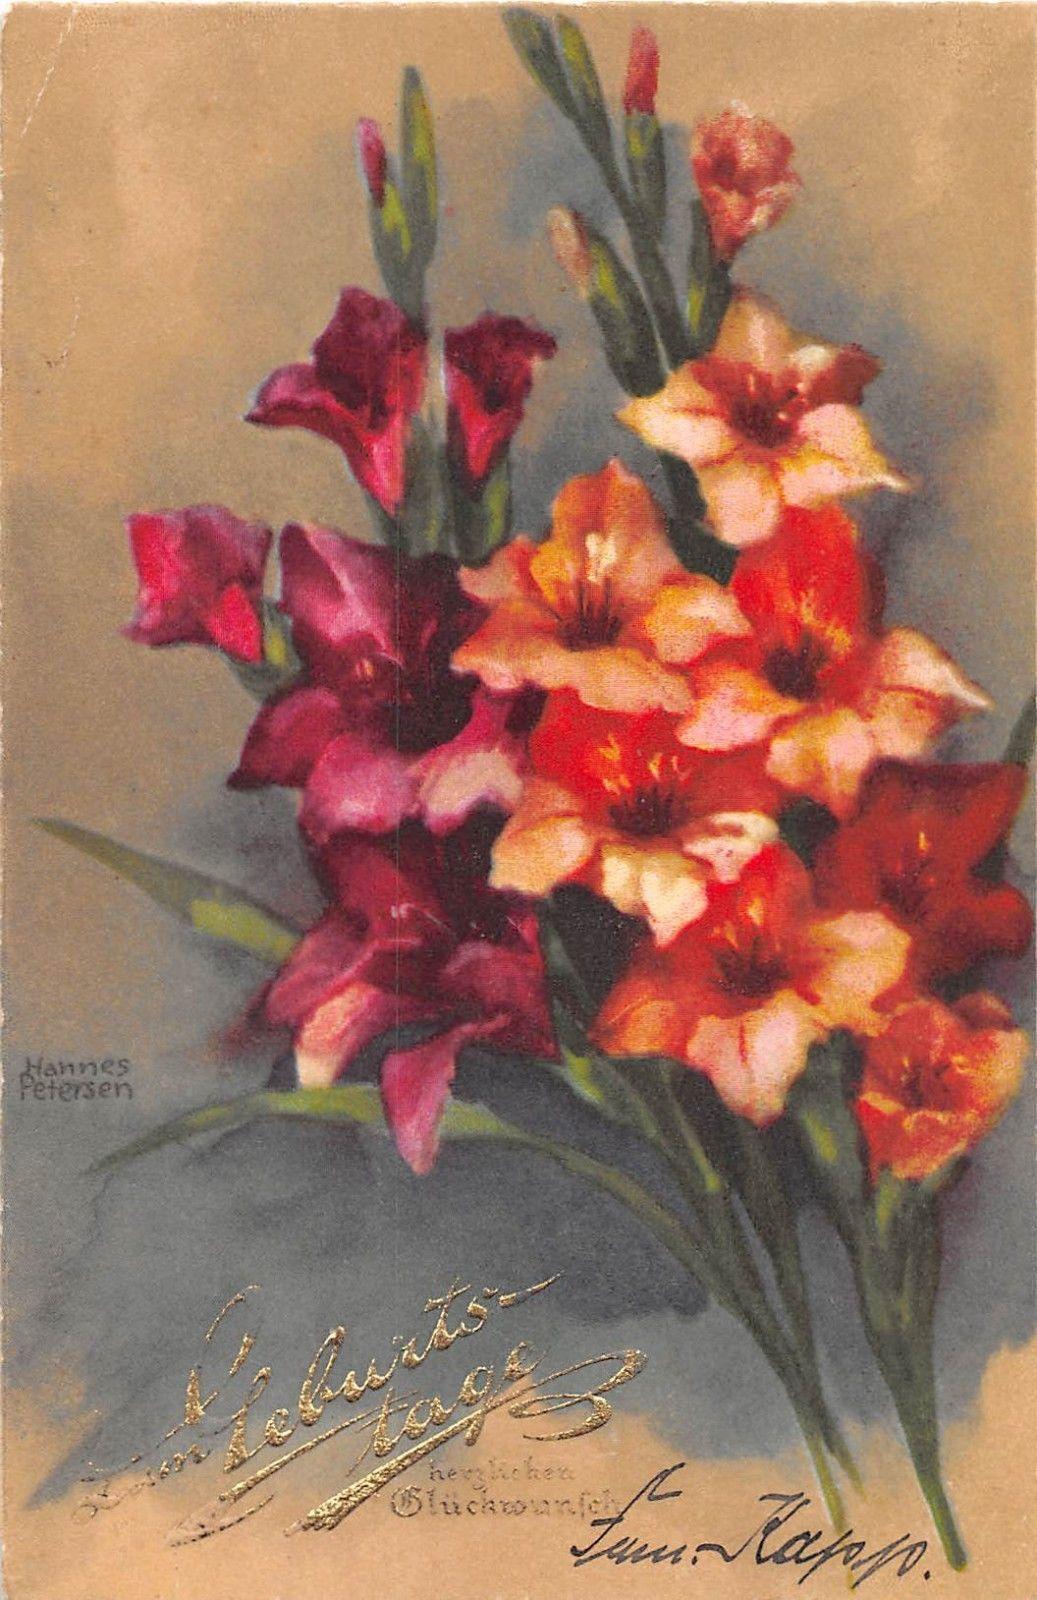 AK Hannes Petersen Künstlerkarte Blumen Gladiolen Postkarte 4440 ZUM Geburtstage | eBay